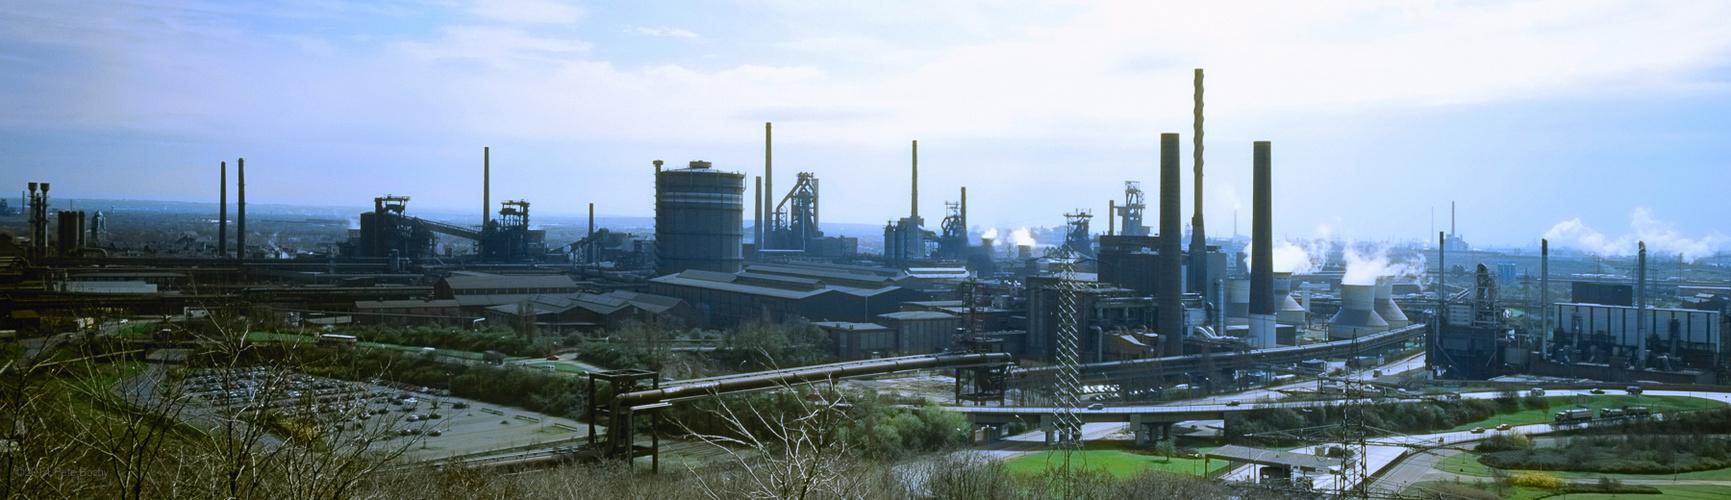 2000 04 Panorama Thyssen Krupp Stahl AG TKS